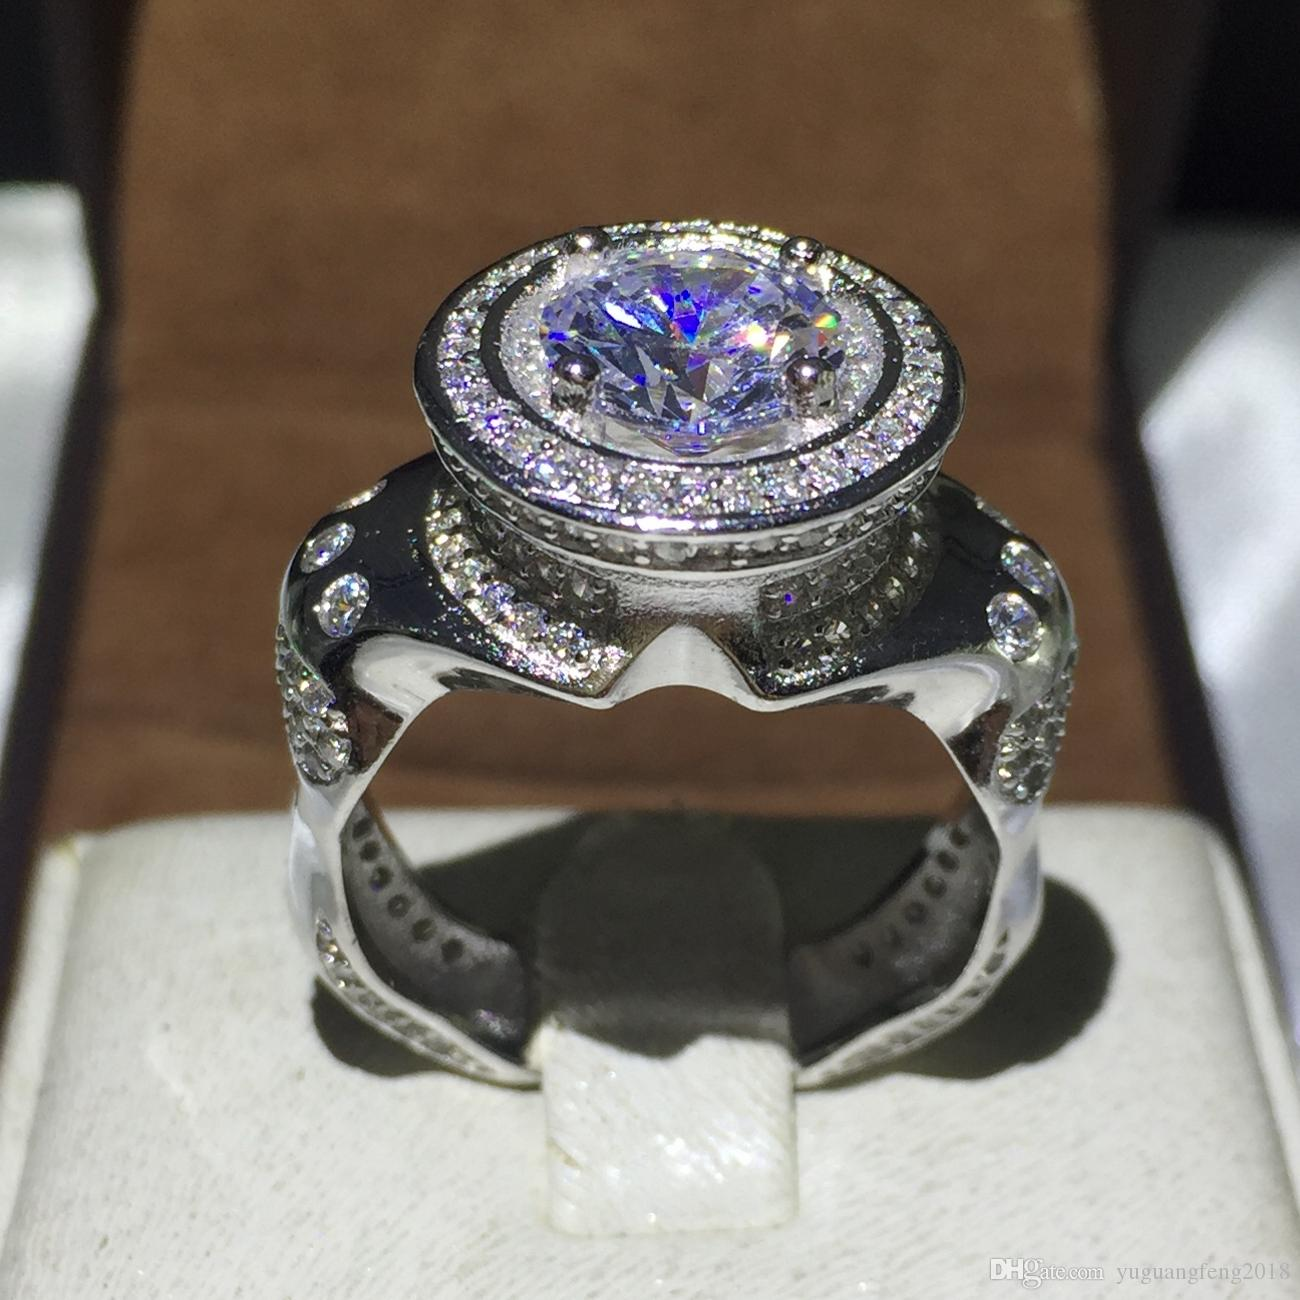 Benzersiz Tasarım yüzük 5A Zirkon kristal 925 Ayar Gümüş Nişan düğün band yüzükler erkekler için Parti noel hediyesi